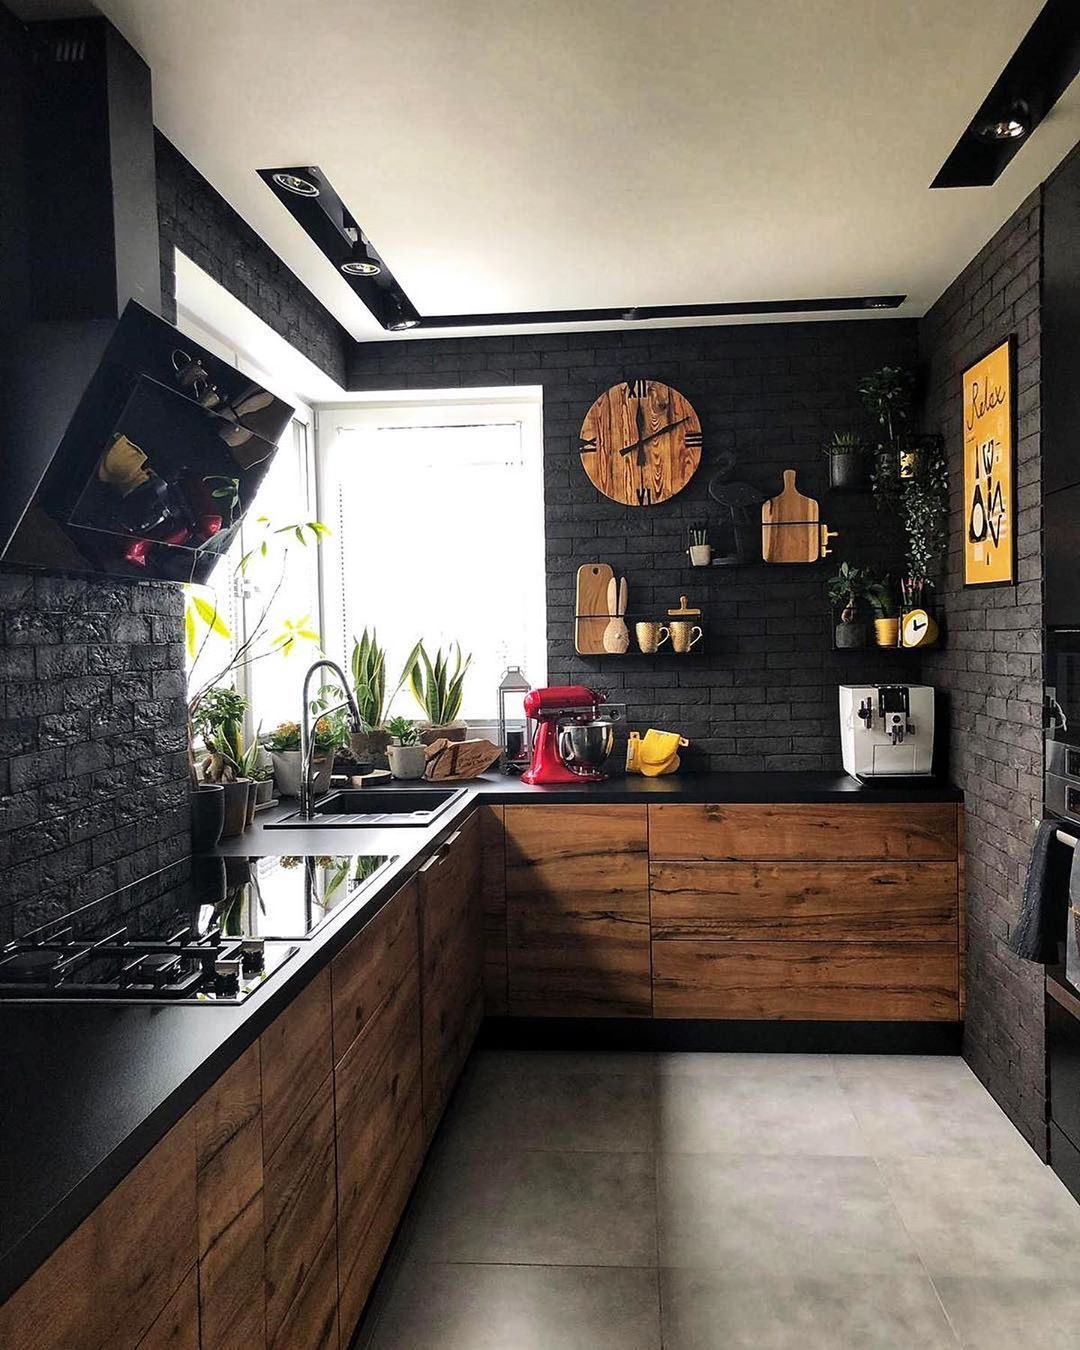 Décoration Design Accessoires  Intérieur moderne de cuisine, Idee